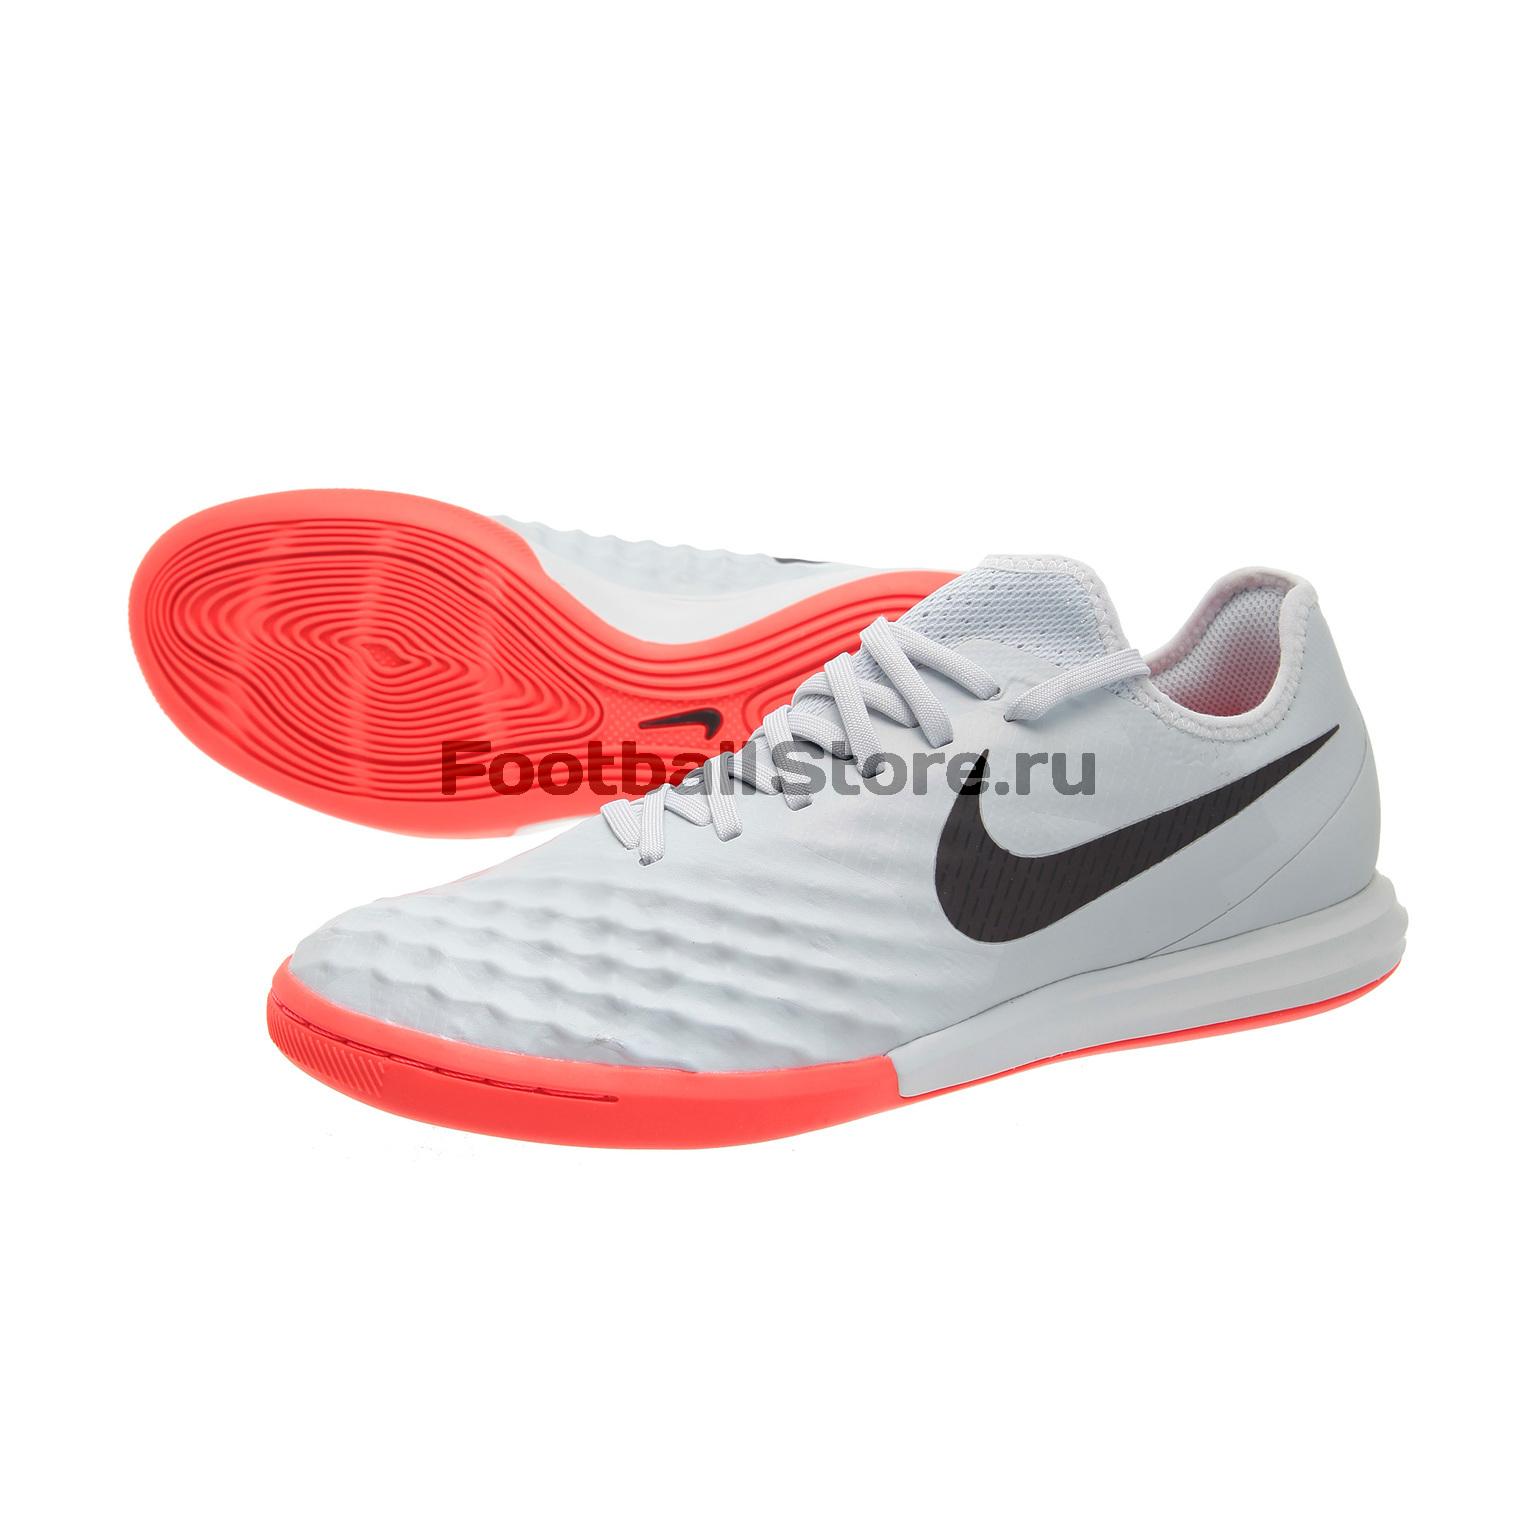 Обувь для зала Nike Обувь для зала Nike MagistaX Finale II SE IC 897737-006